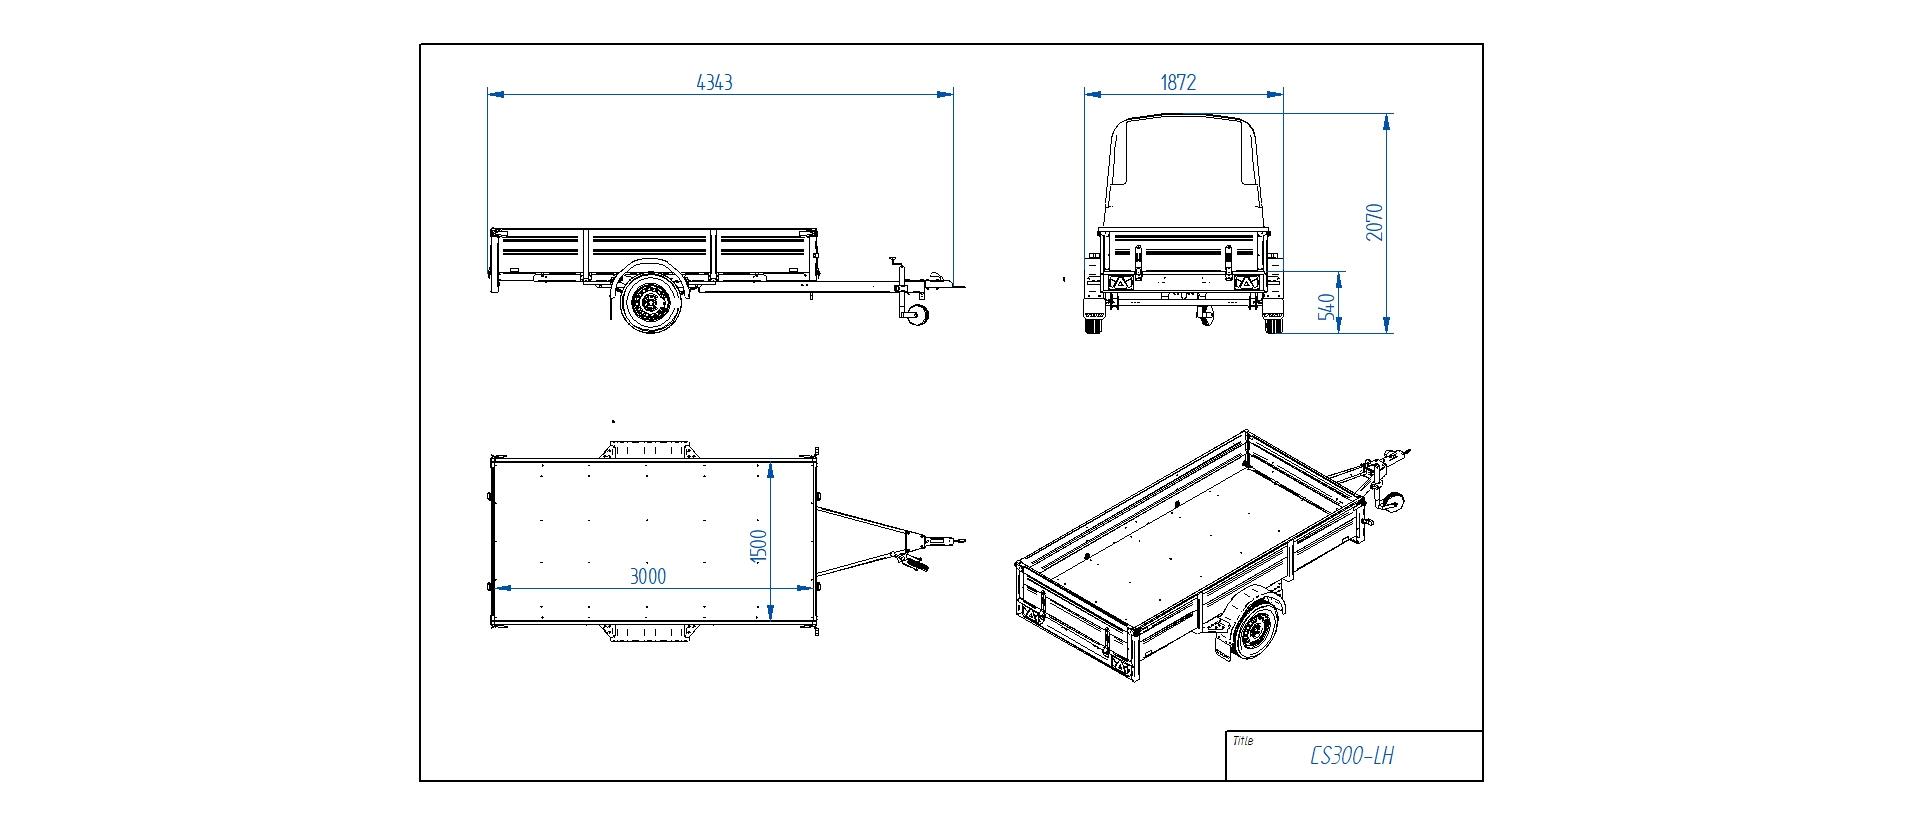 CS300-LH [Priekabų standartinė įranga gali skirtis nuo pavaizduotos komplektacijos paveiksliuke]